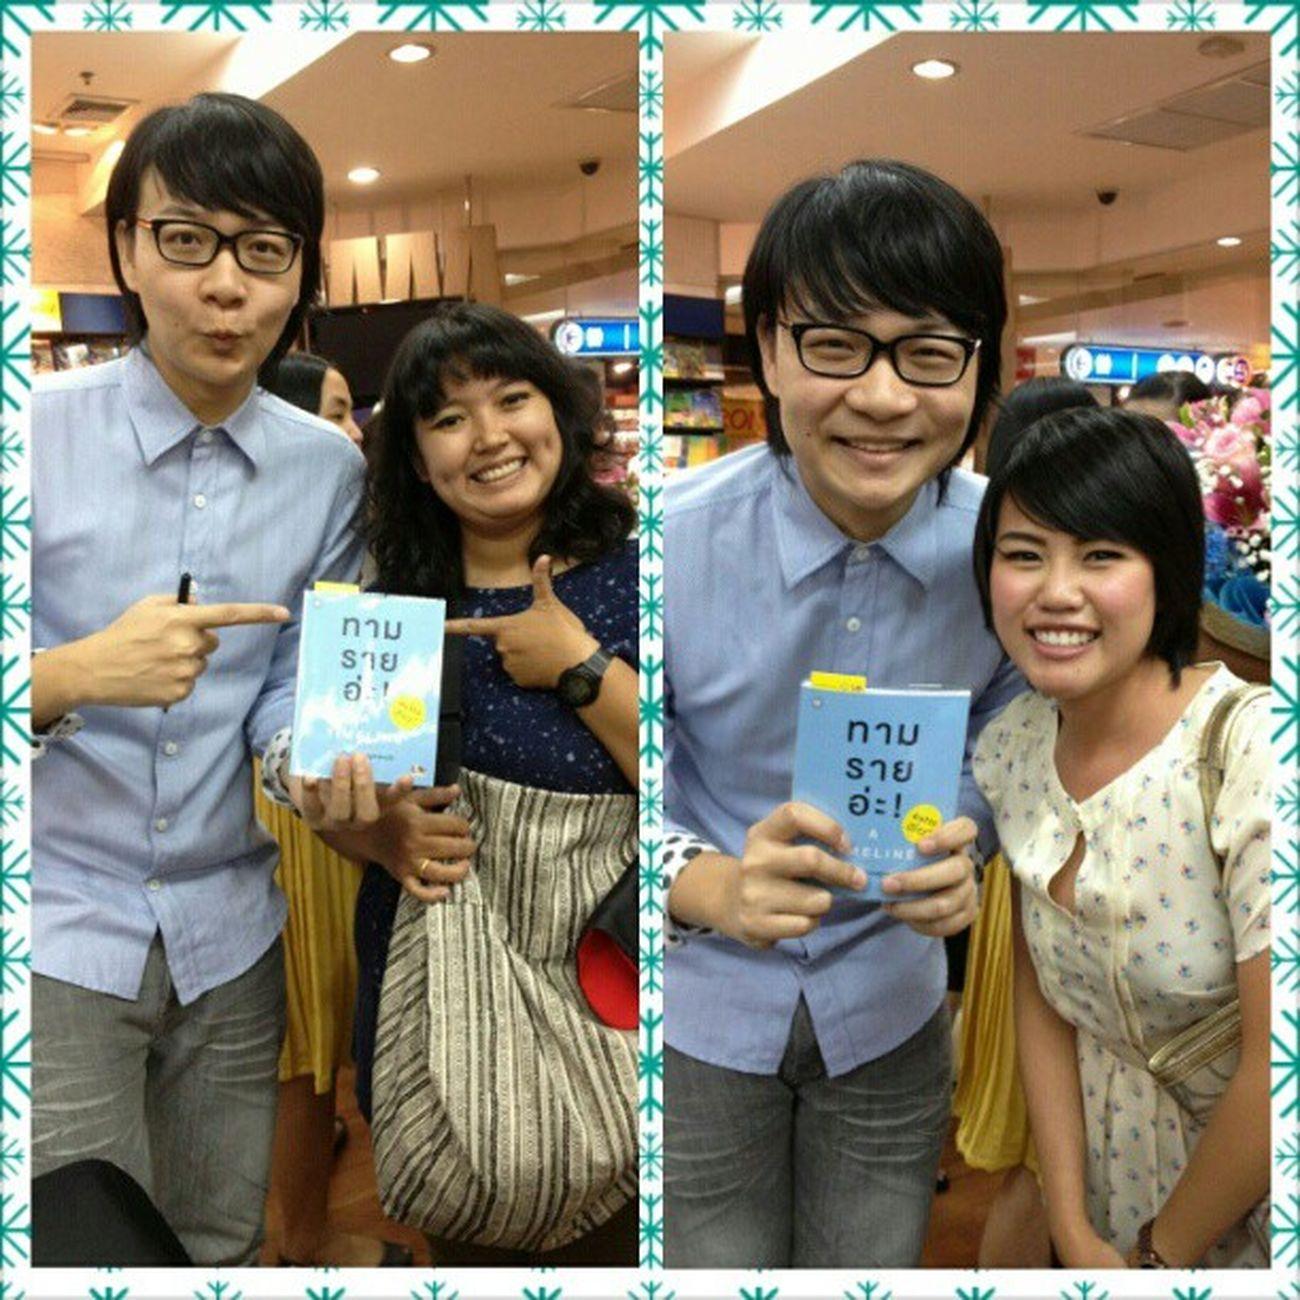 พี่ศรีโบว์ @kanoksom และน้องมดแหล่วไปอุดหนุนหนังสือ ทามรายอ่ะ ของพี่ @cutto มาวันนี้ ขอให้ขายดิบขายดีแบบนิ้วกลมและขึ้นเป็นหนังสือแนะนำในเร็ววันค่ะ :)